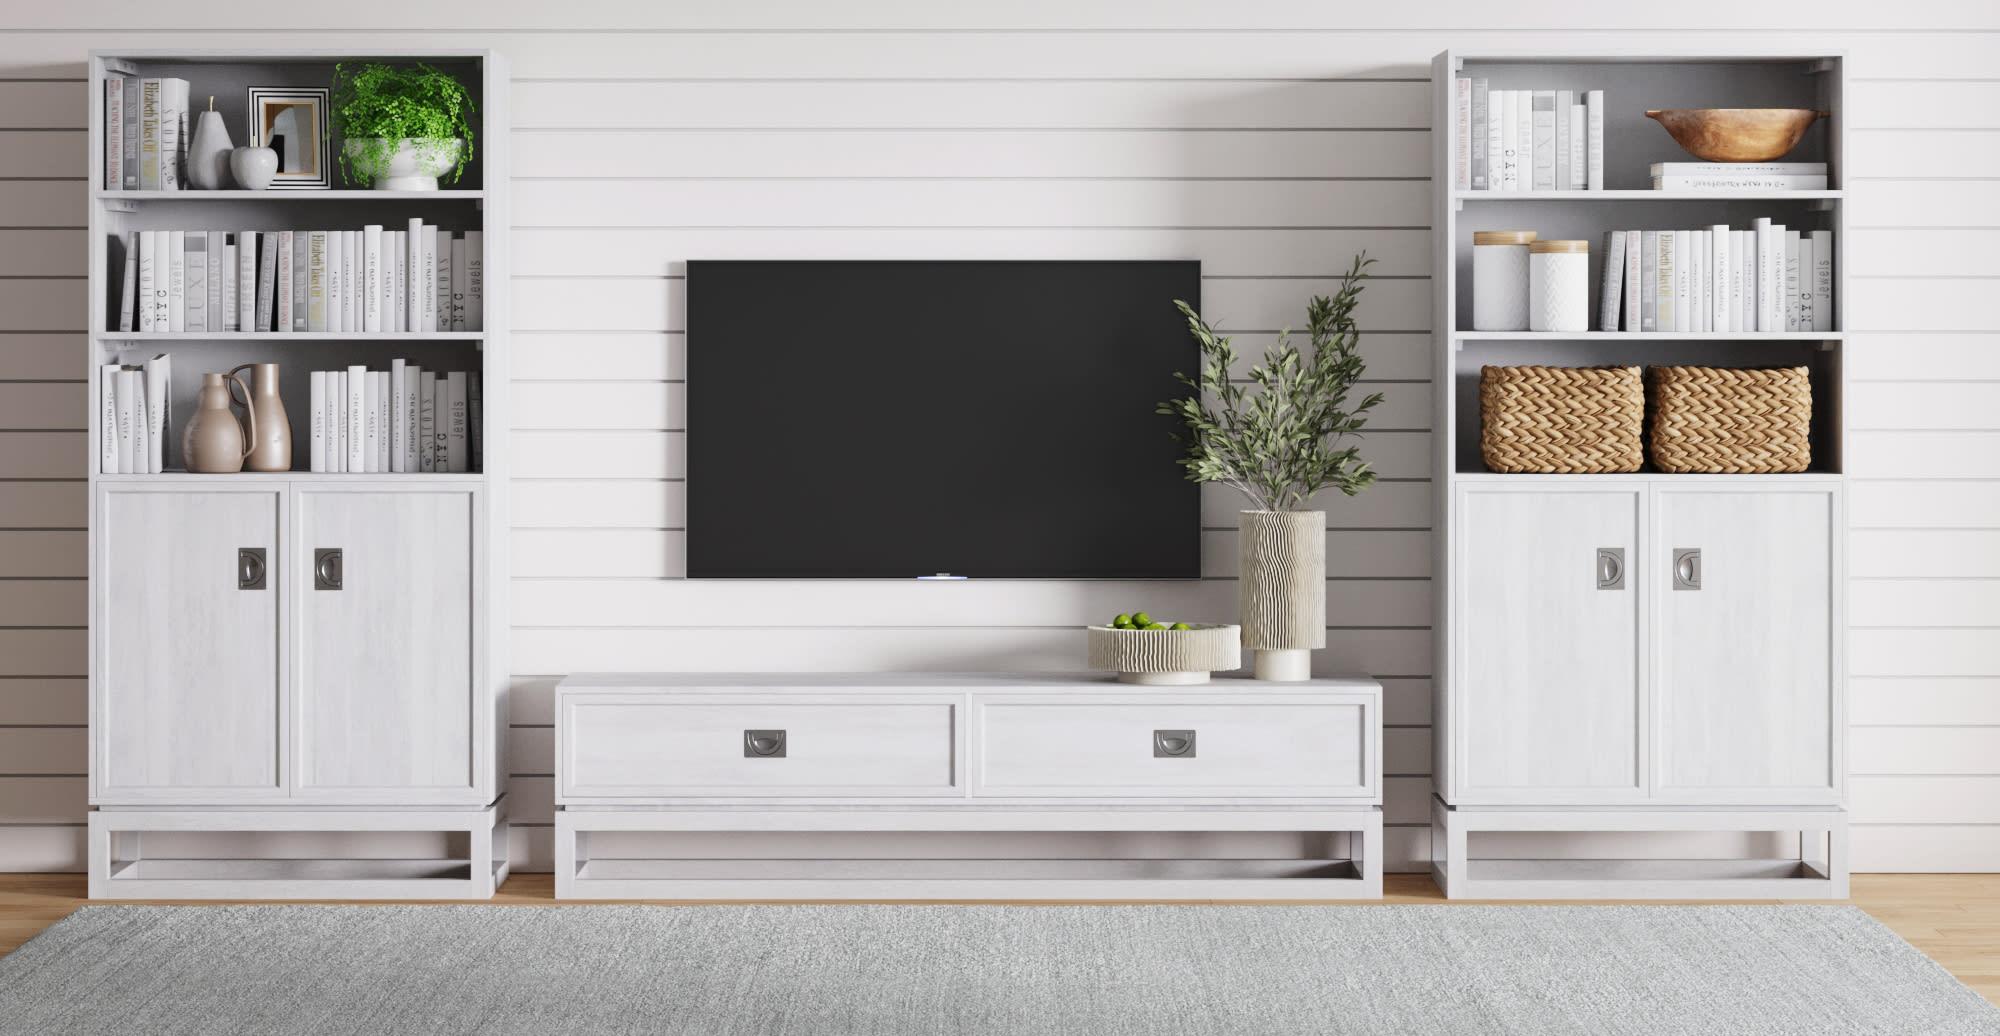 Monterey Hamptons Tv Unit for Brosa TV Unit Size Guide